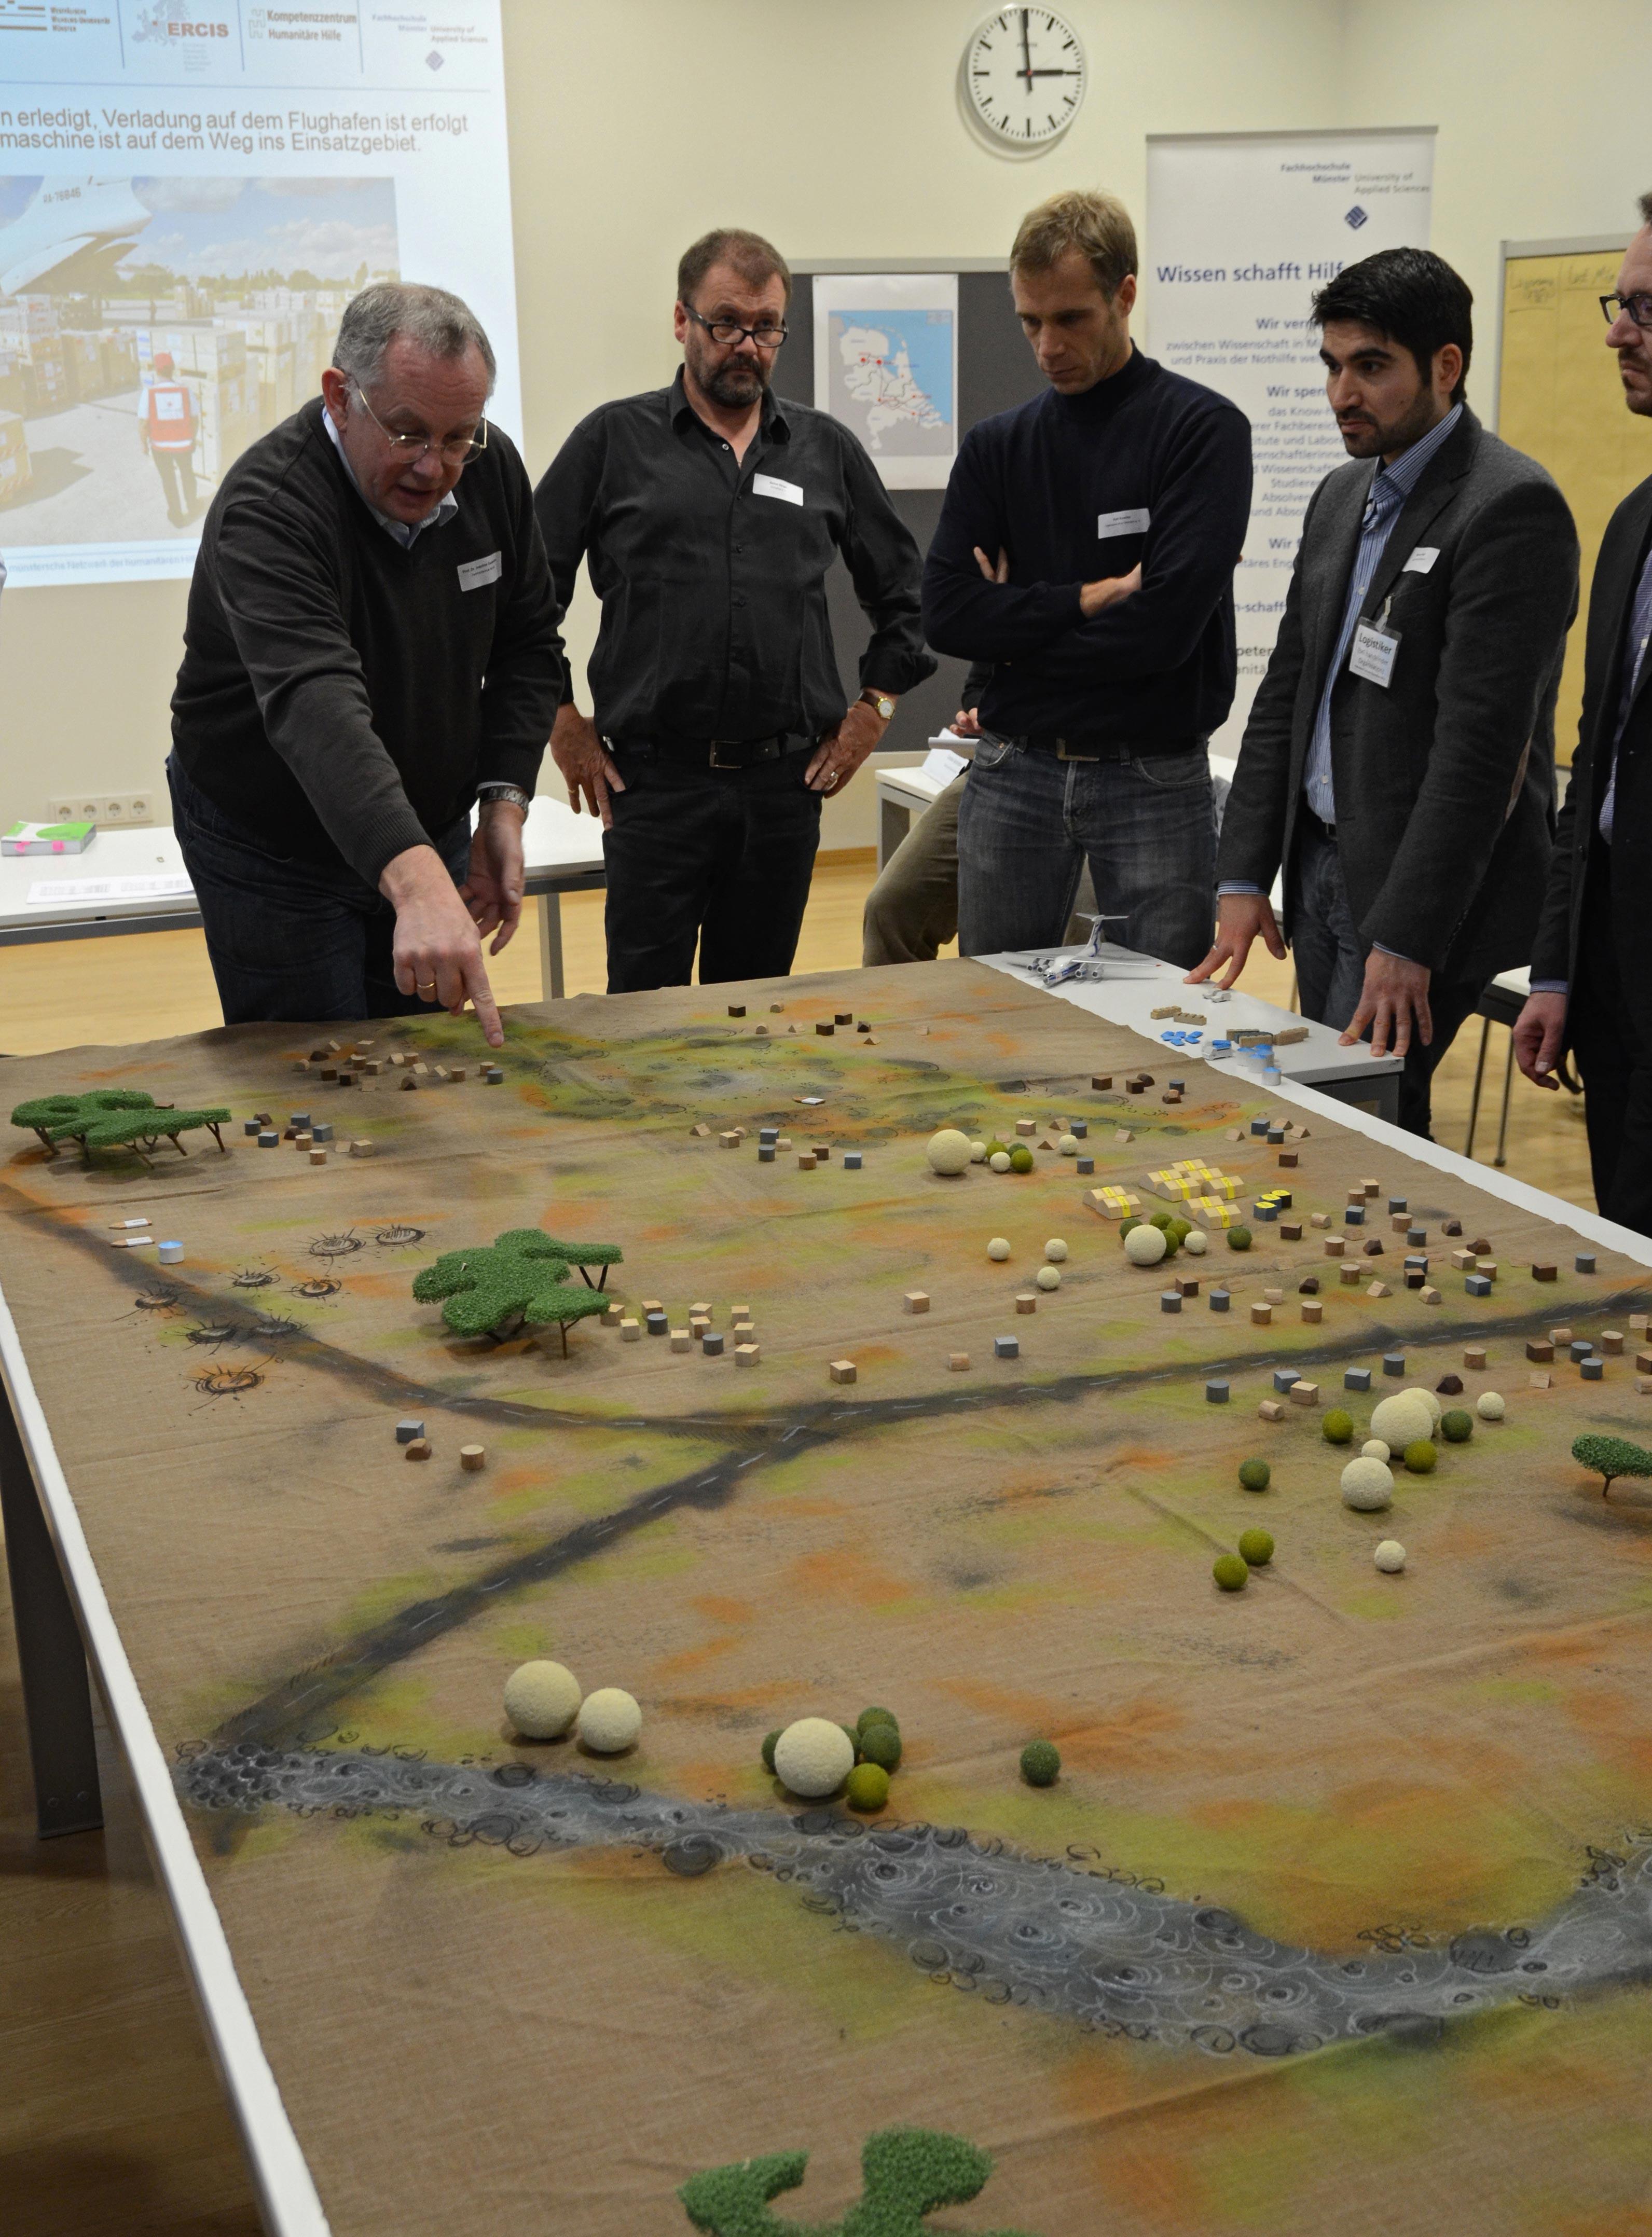 """Prof. Dr. Joachim Gardemann mit Workshop-Teilnehmern vor dem Planspiel """"Disaster Response Model""""."""